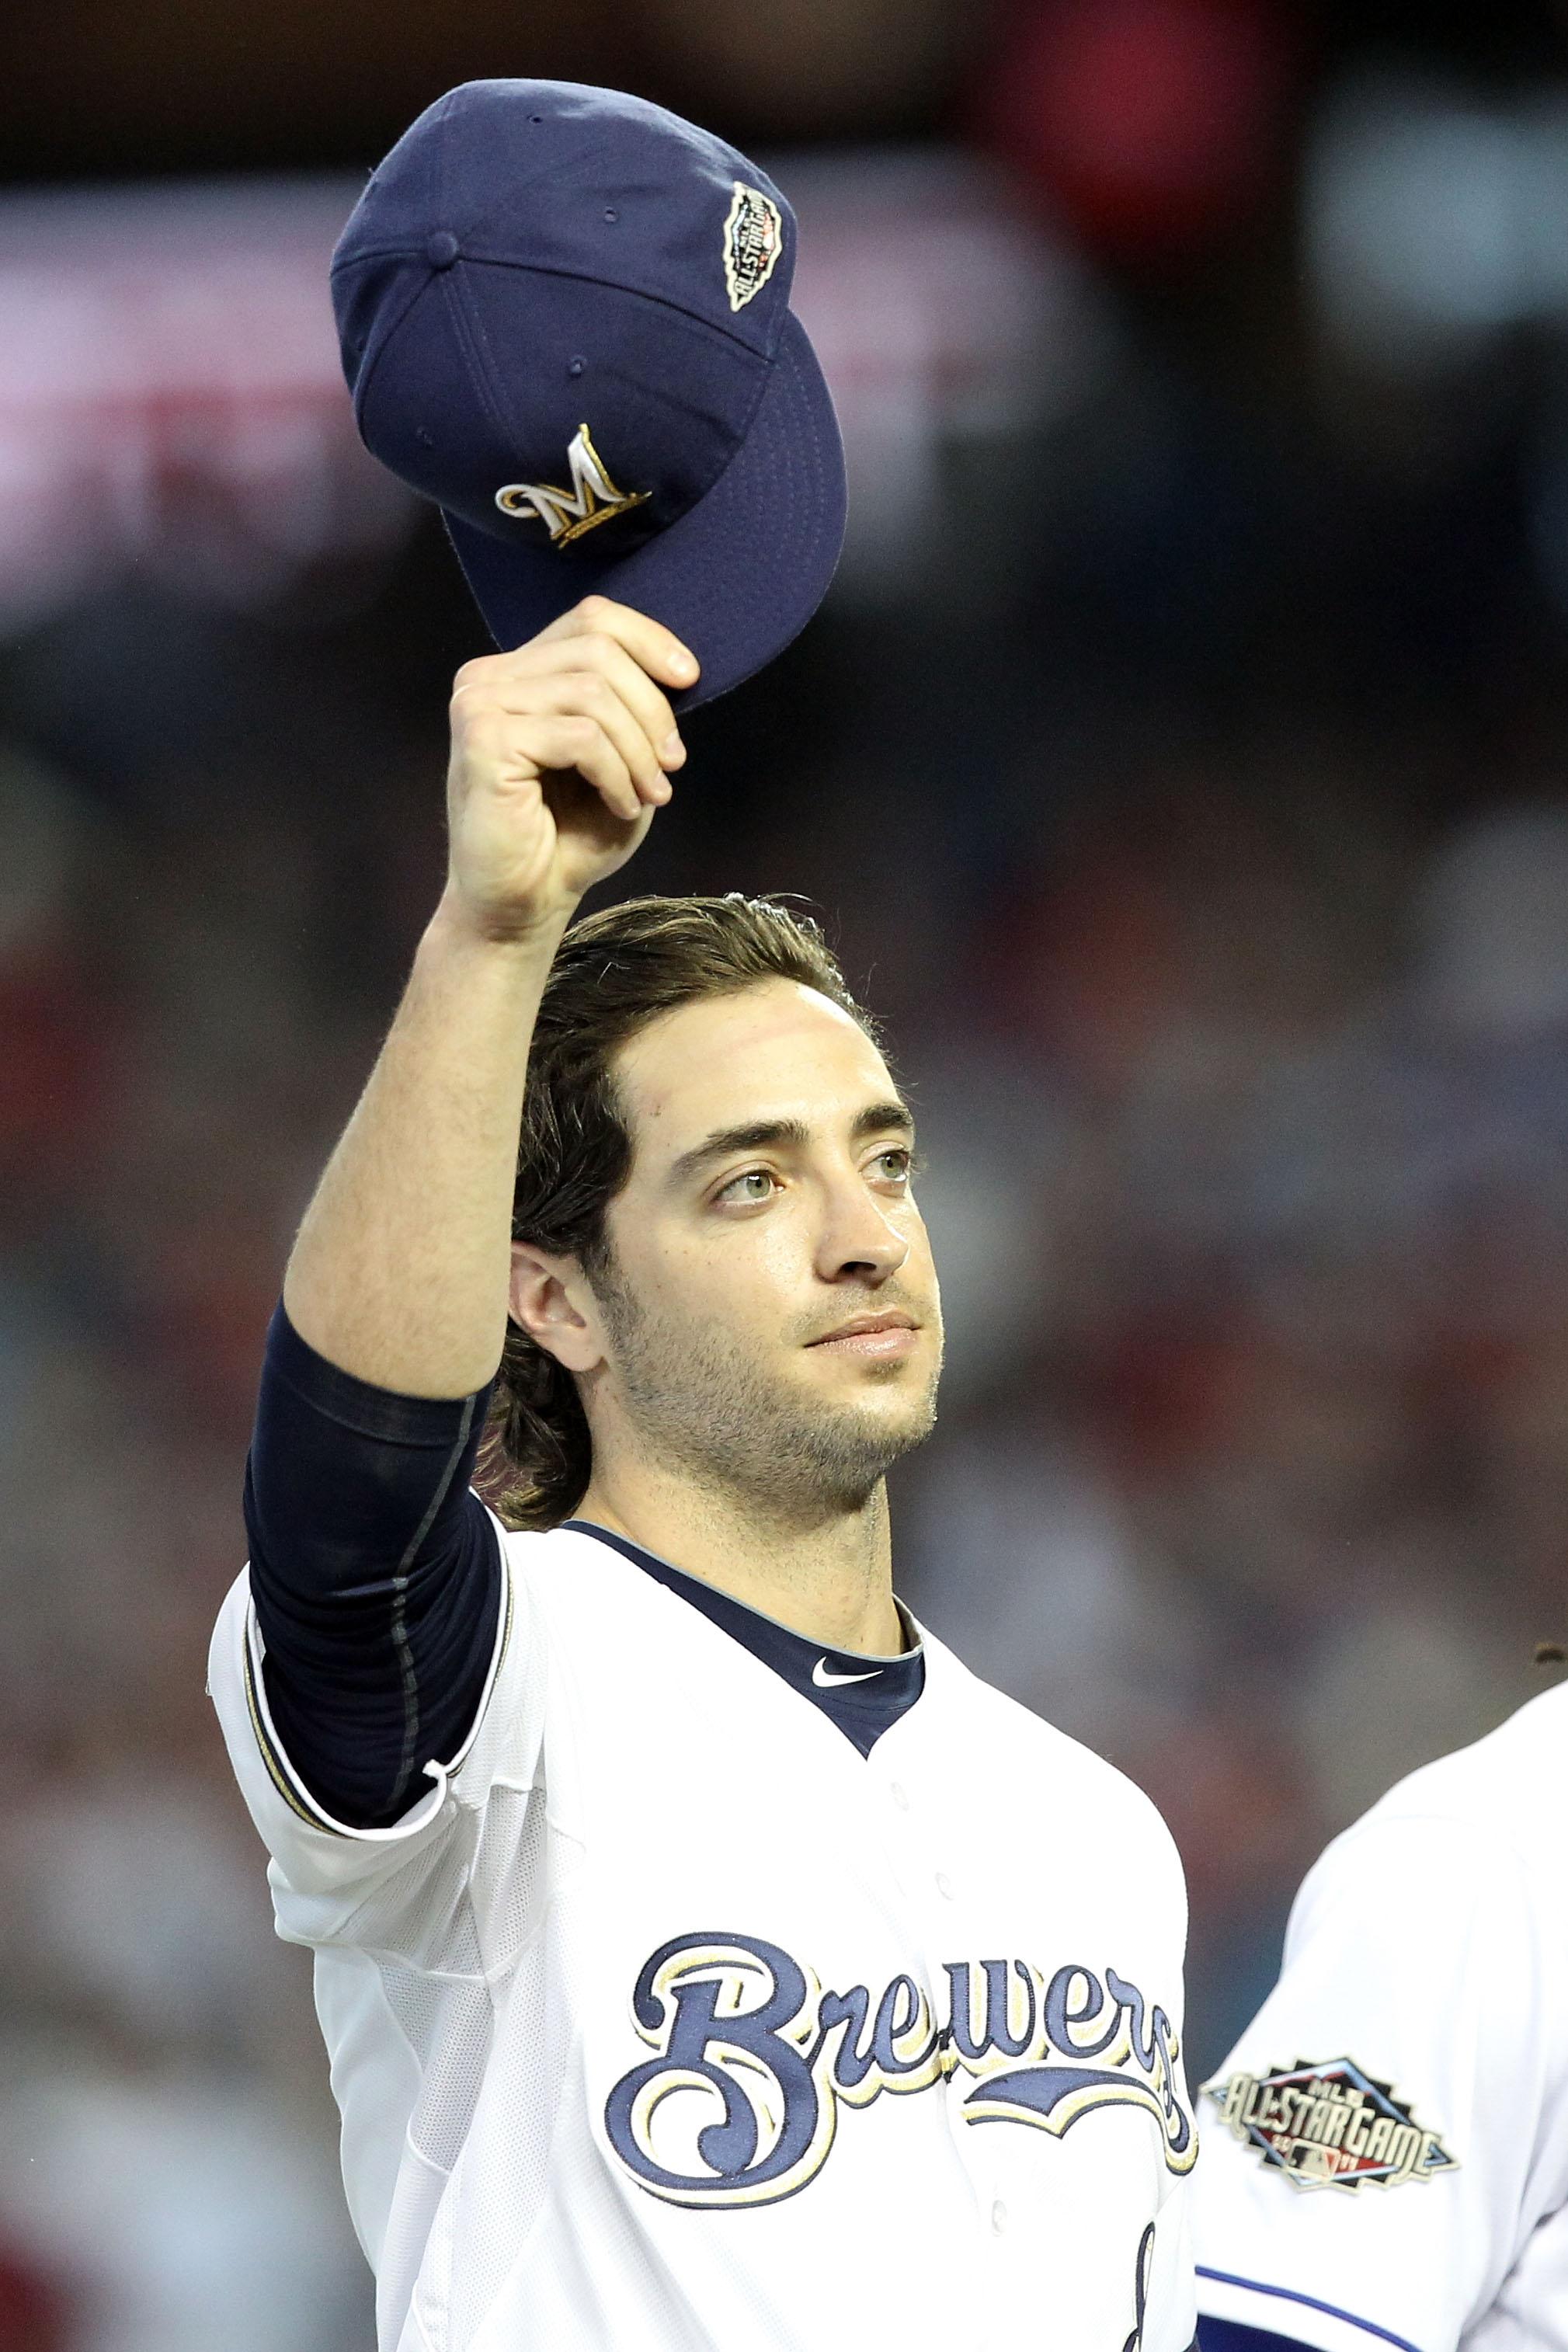 cute cartoon baseball player batting